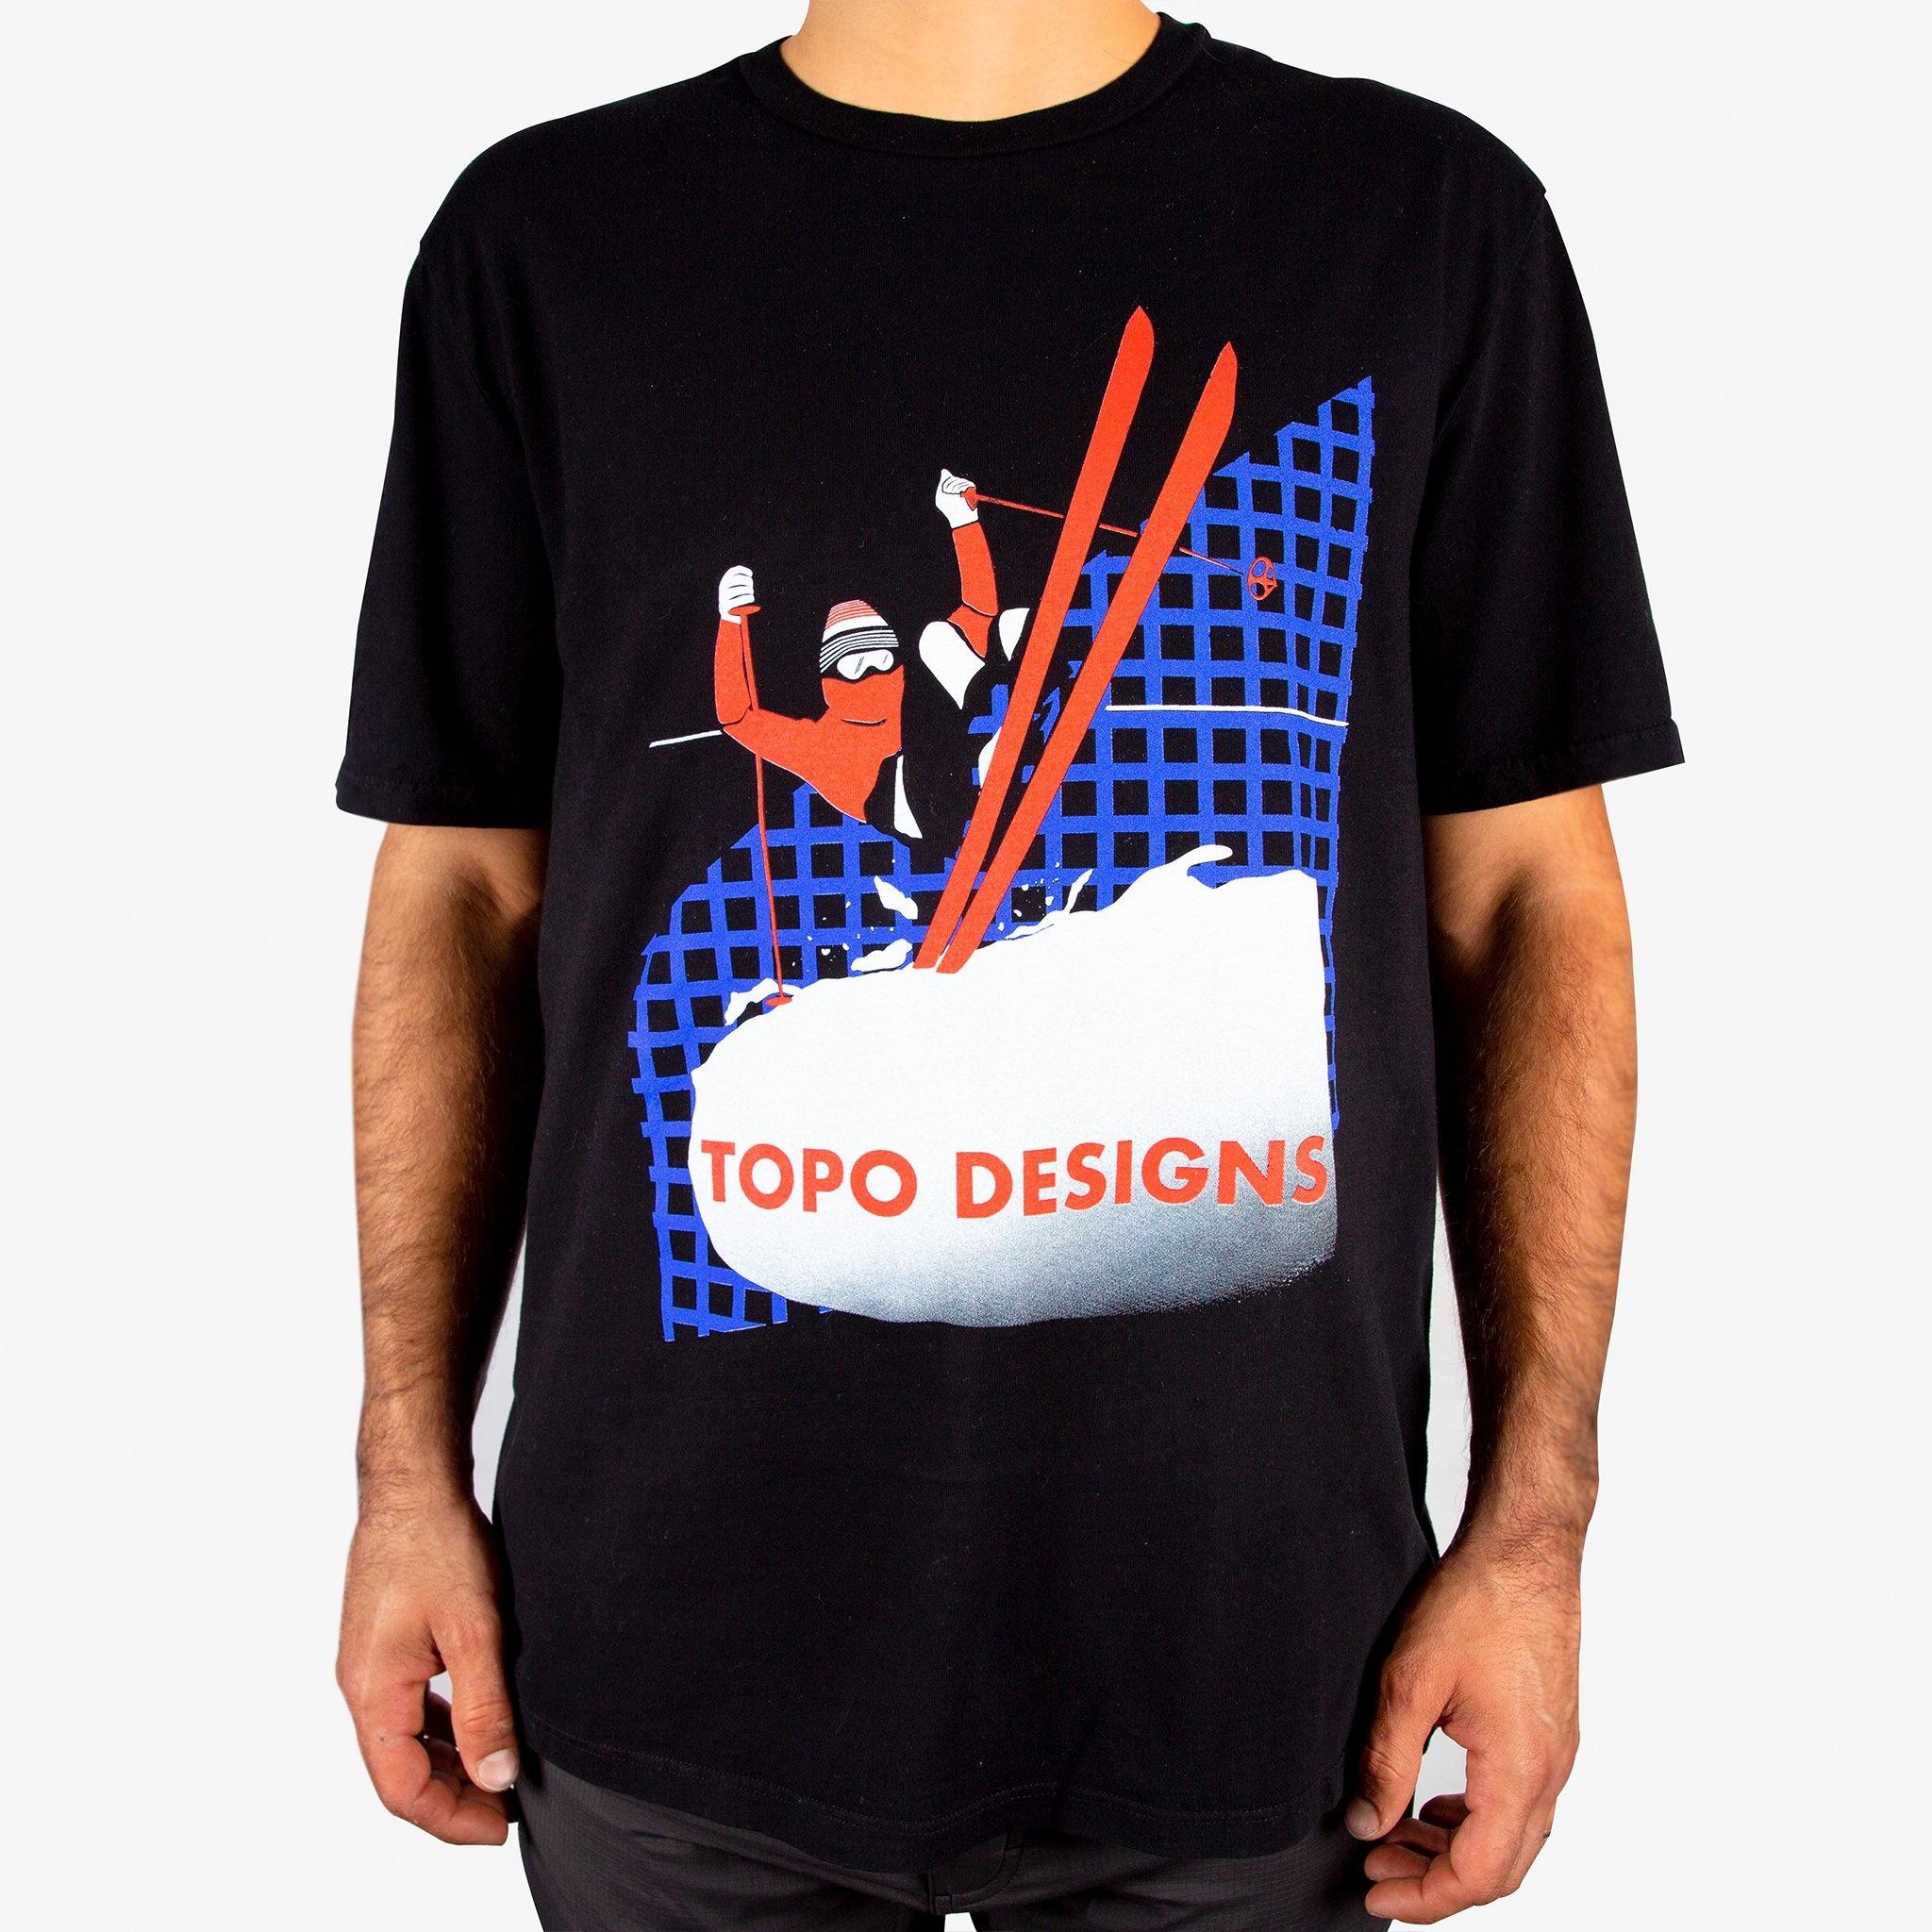 Topo Designs TOPO - Freestyle Tee